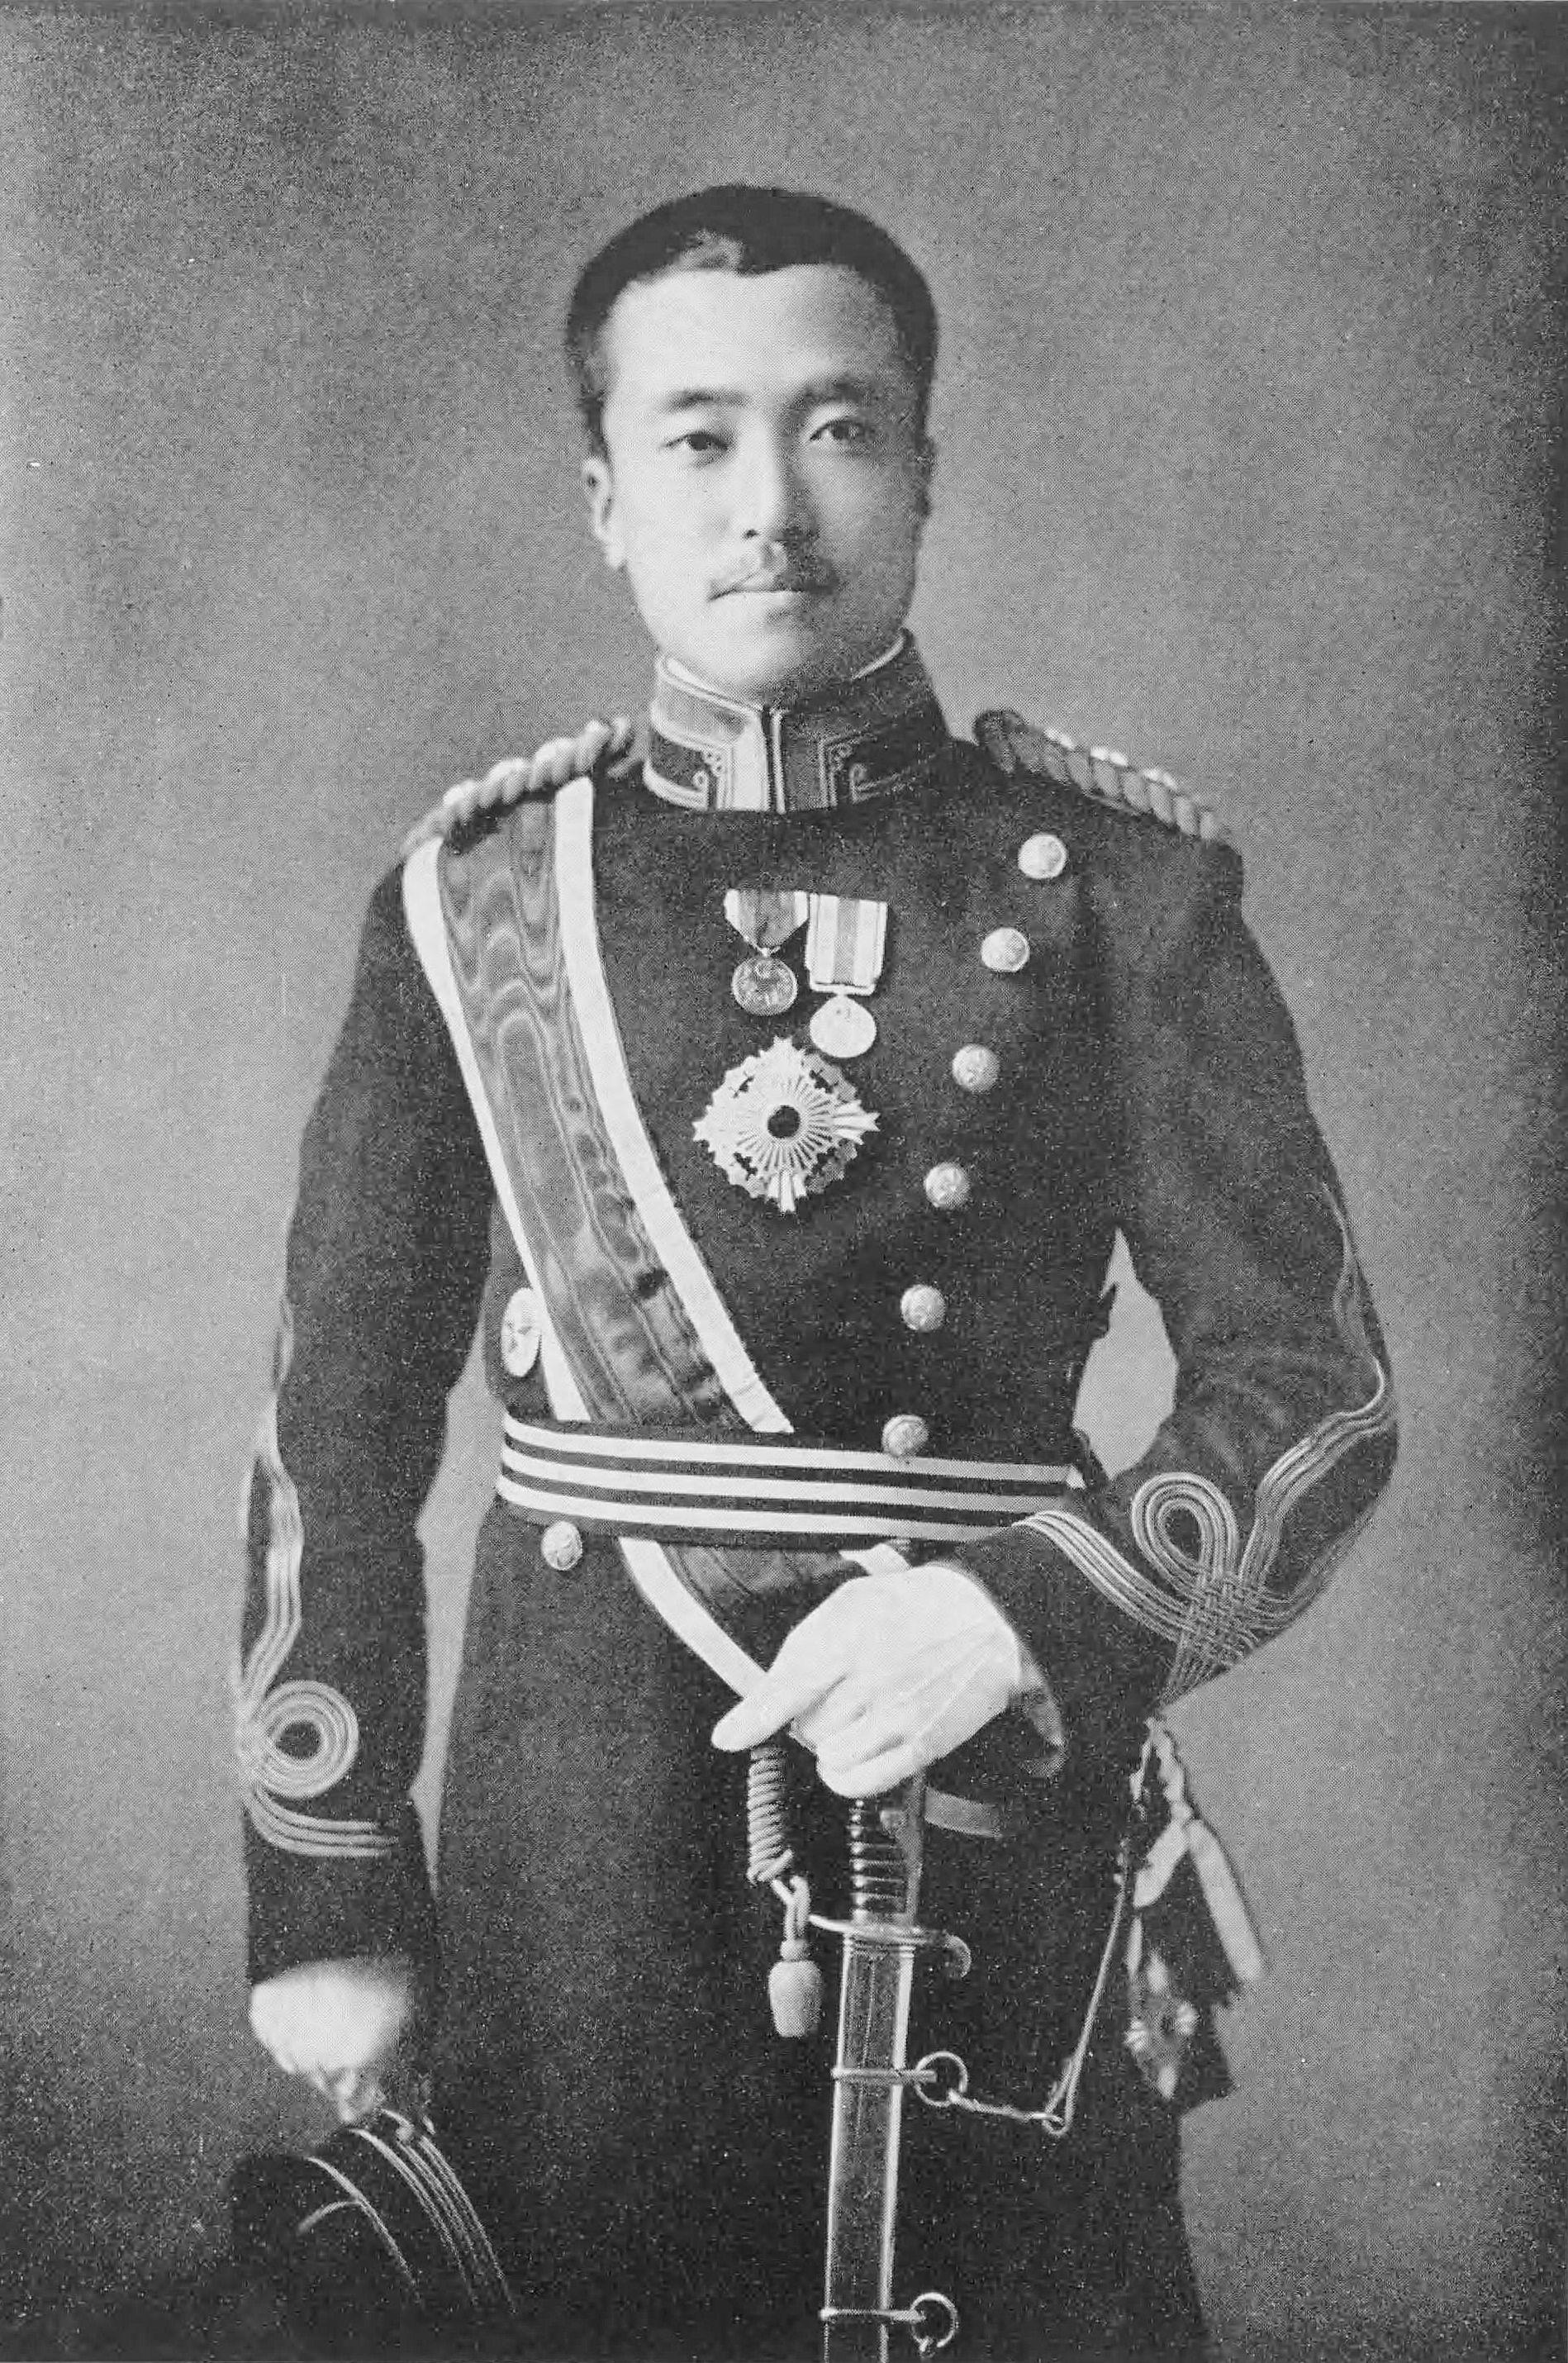 General Prince Higashikuni Naruhiko